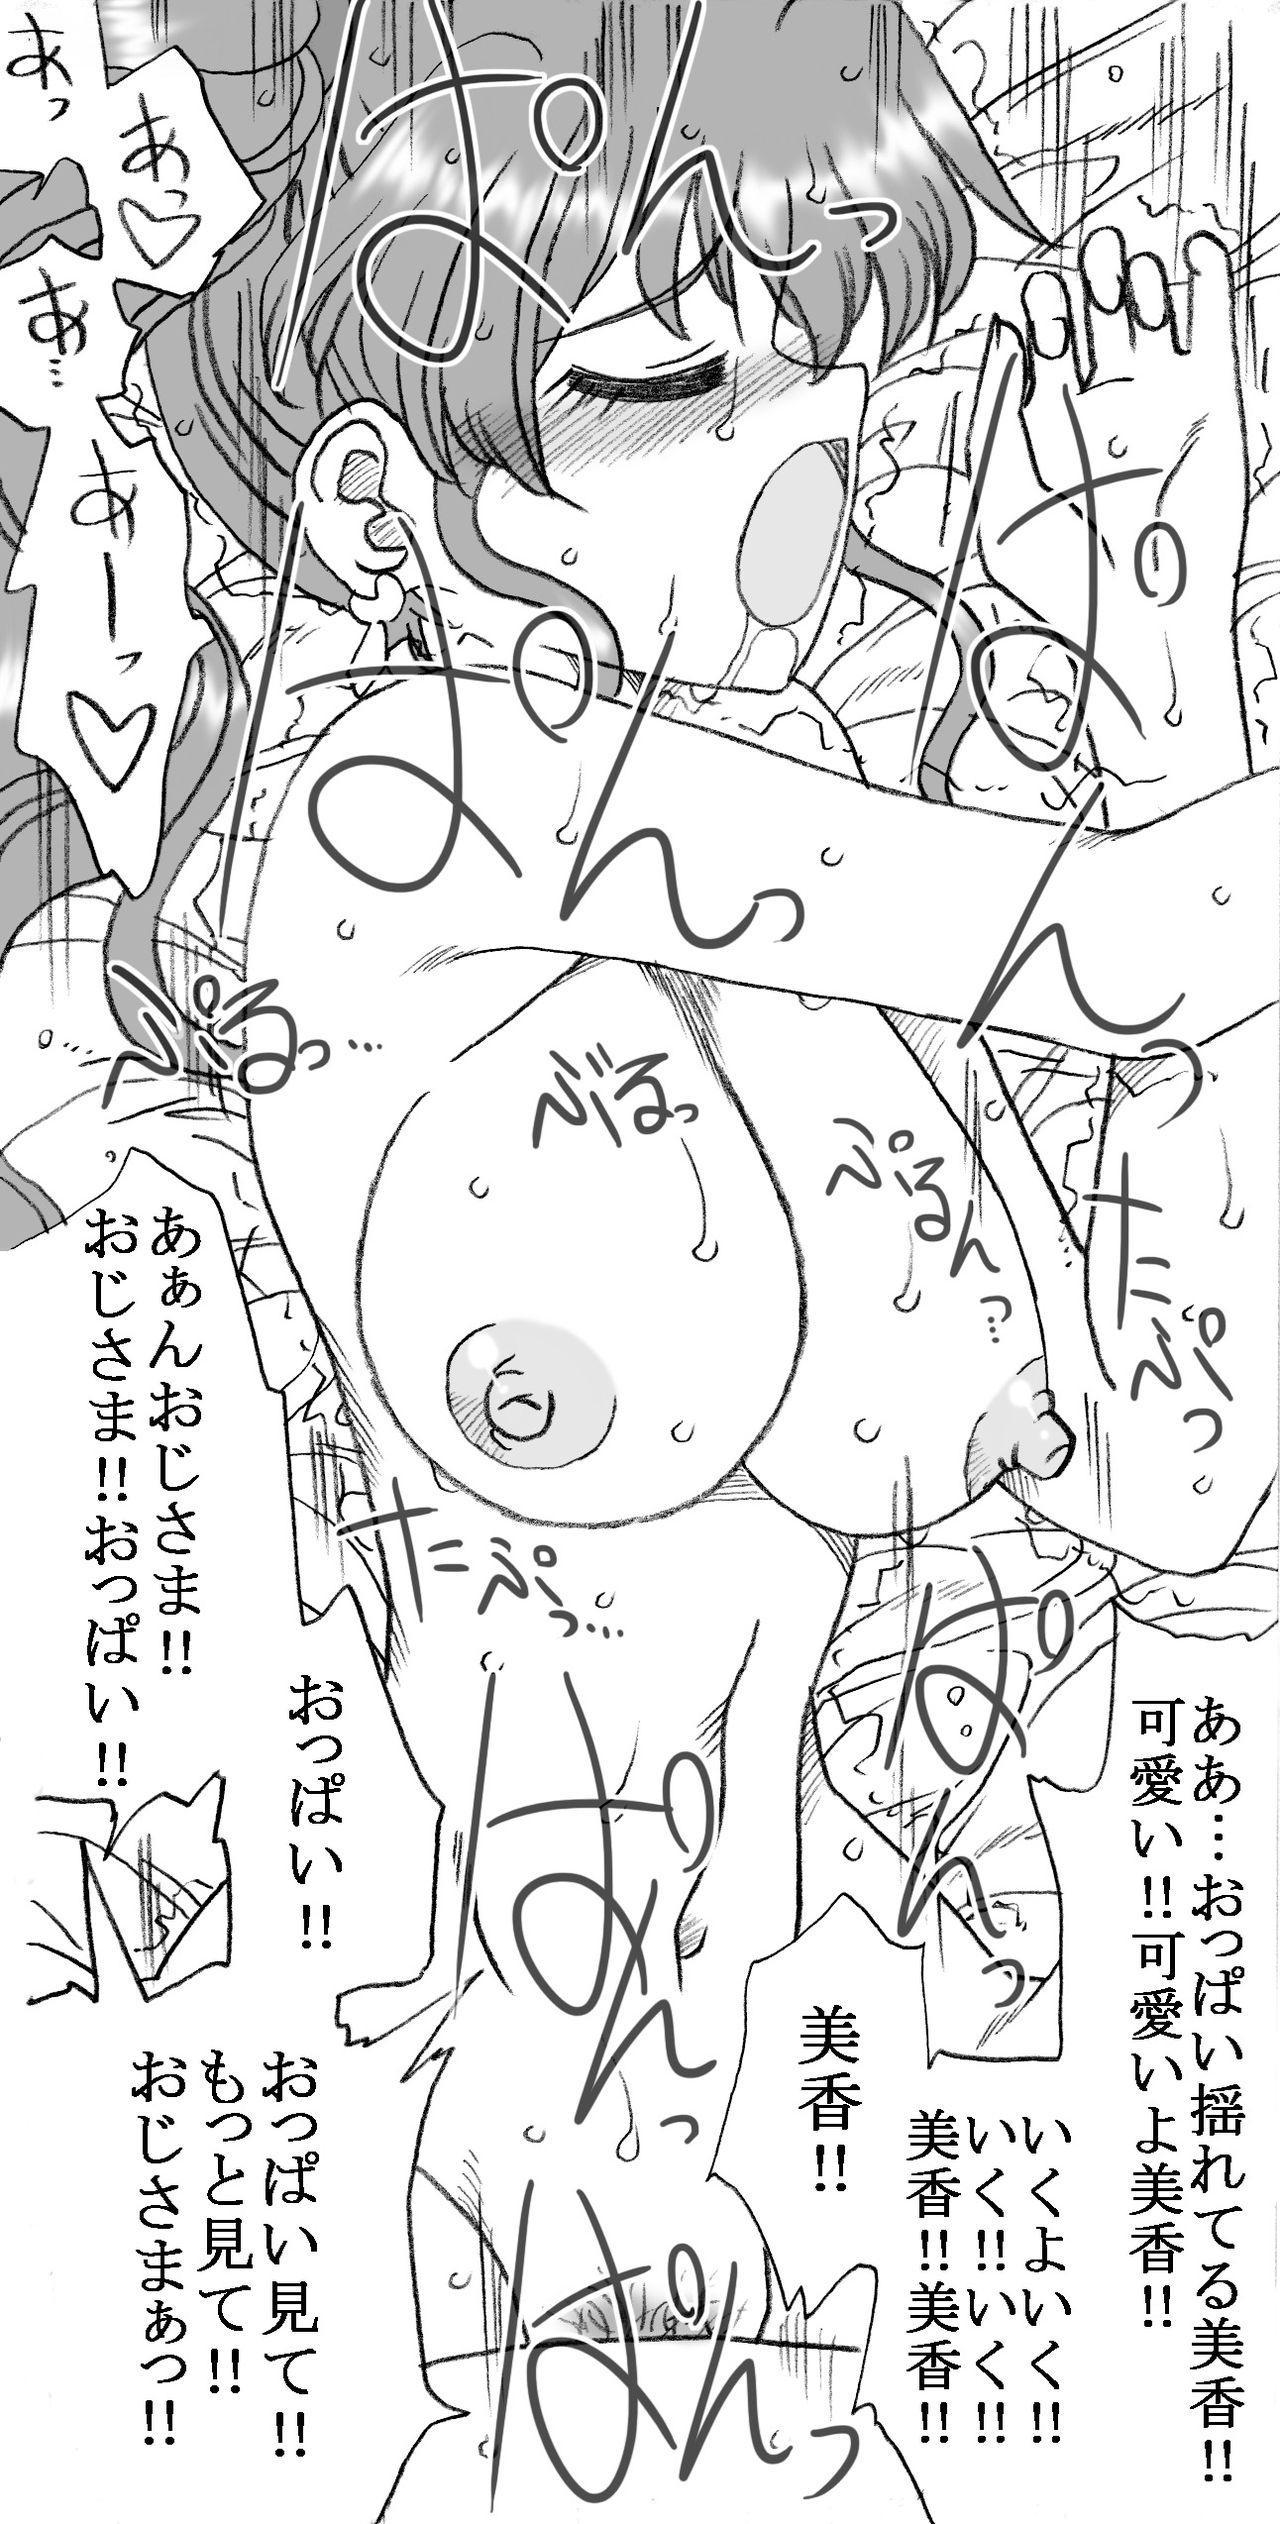 Mika-chan, Chichioya yori mo Toshiue no Ojisama to Ecchi sono 4 54